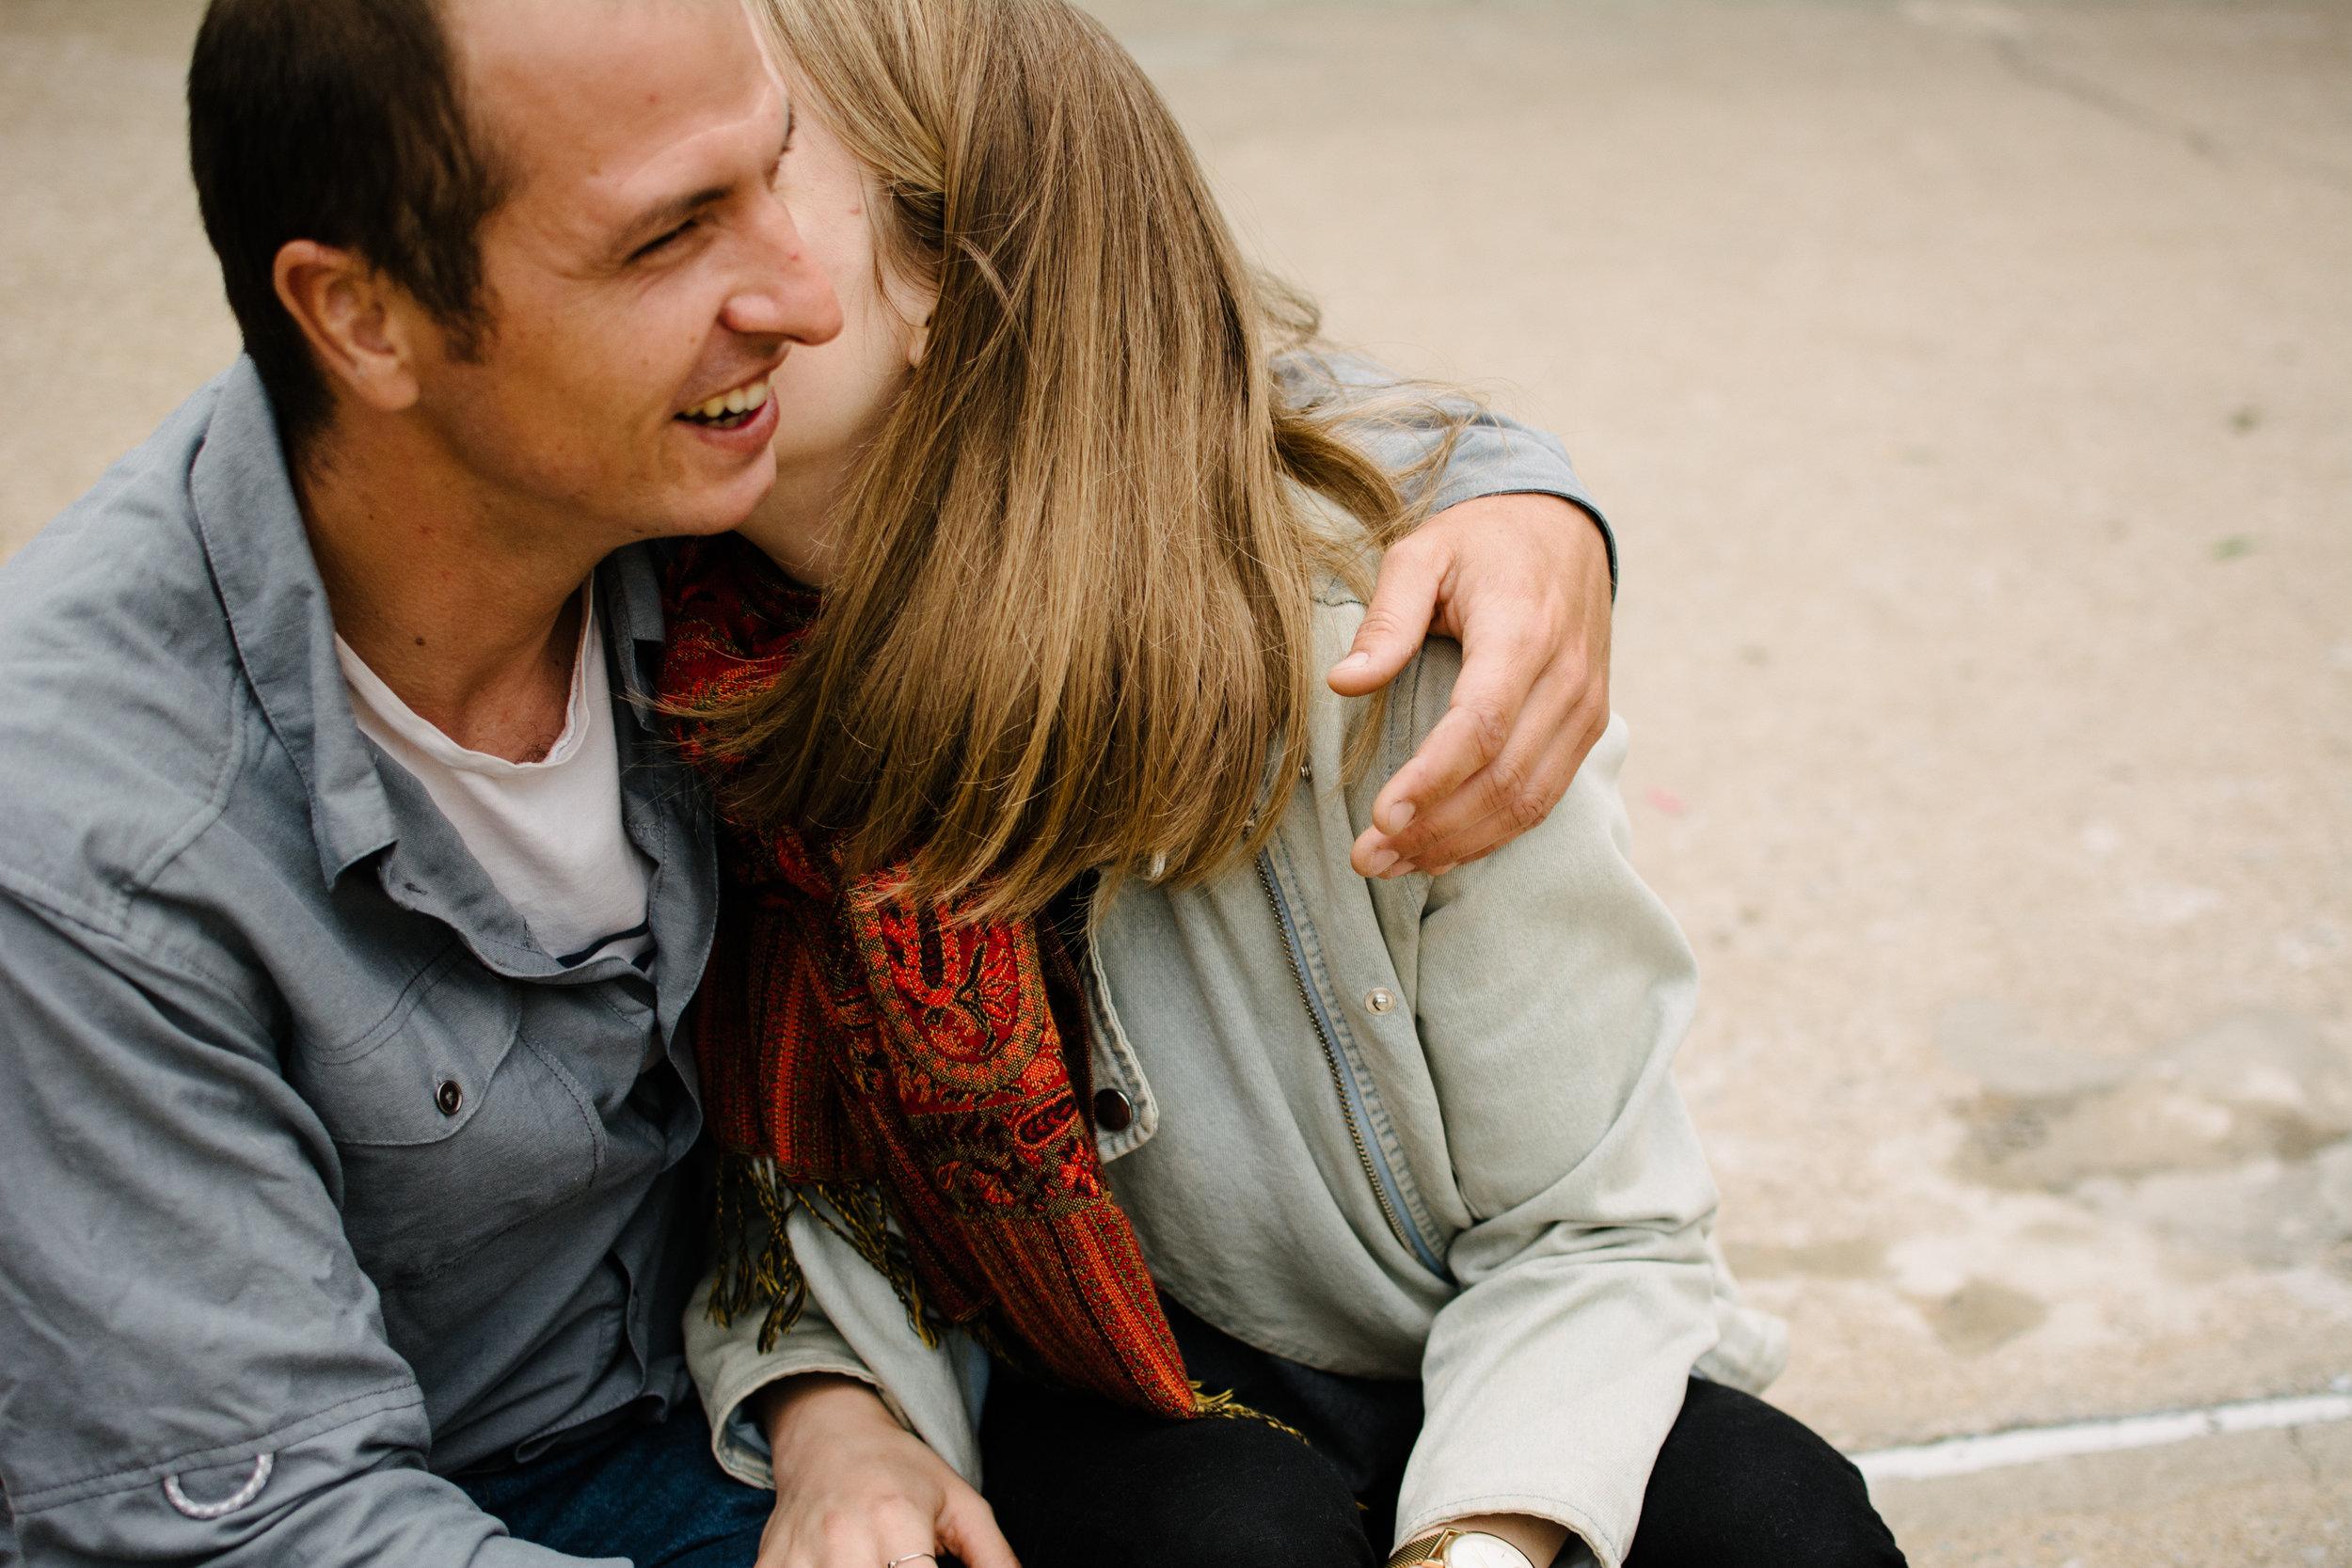 photo-d-un-homme-qui-se-fait-embrasser-dans-le-cou-par-son-amoureuse-photographe-lifestyle-famille-et-nouveau-ne-a-montreal-marianne-charland-98.jpg